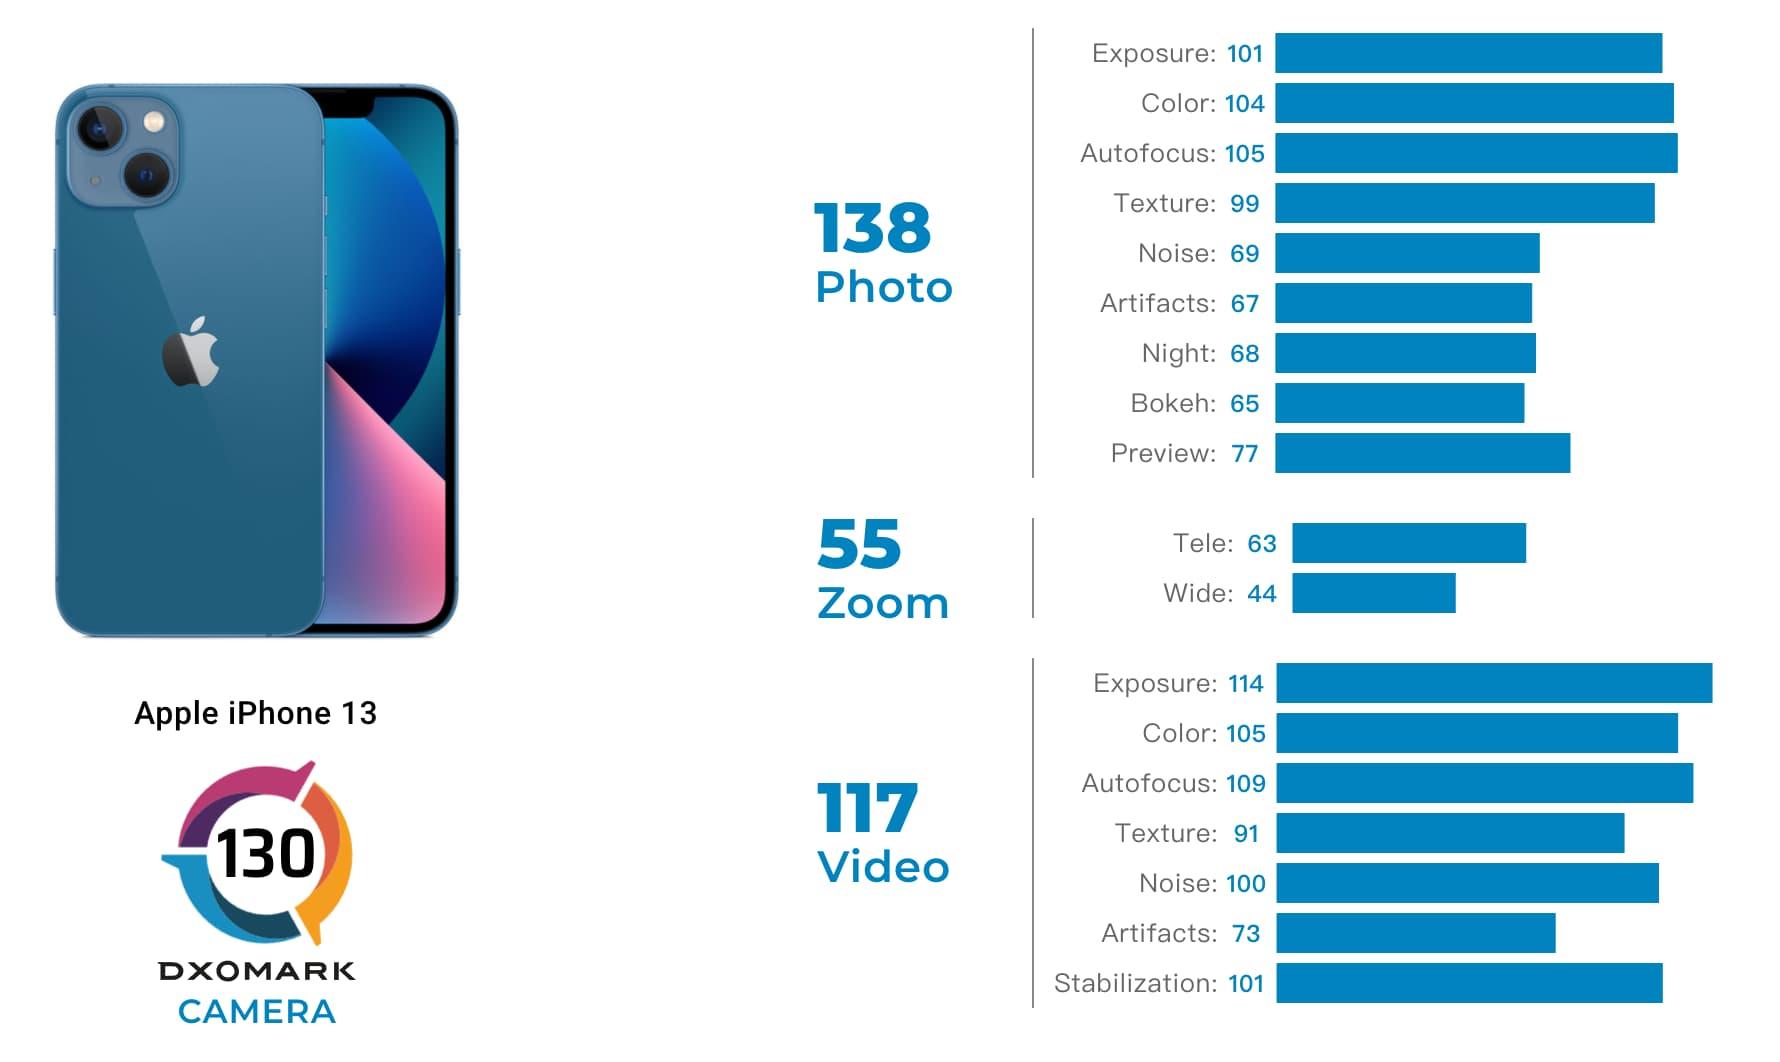 DXOMark 公布iPhone 13 相機評測出爐,雙鏡頭超越iPhone 12 Pro